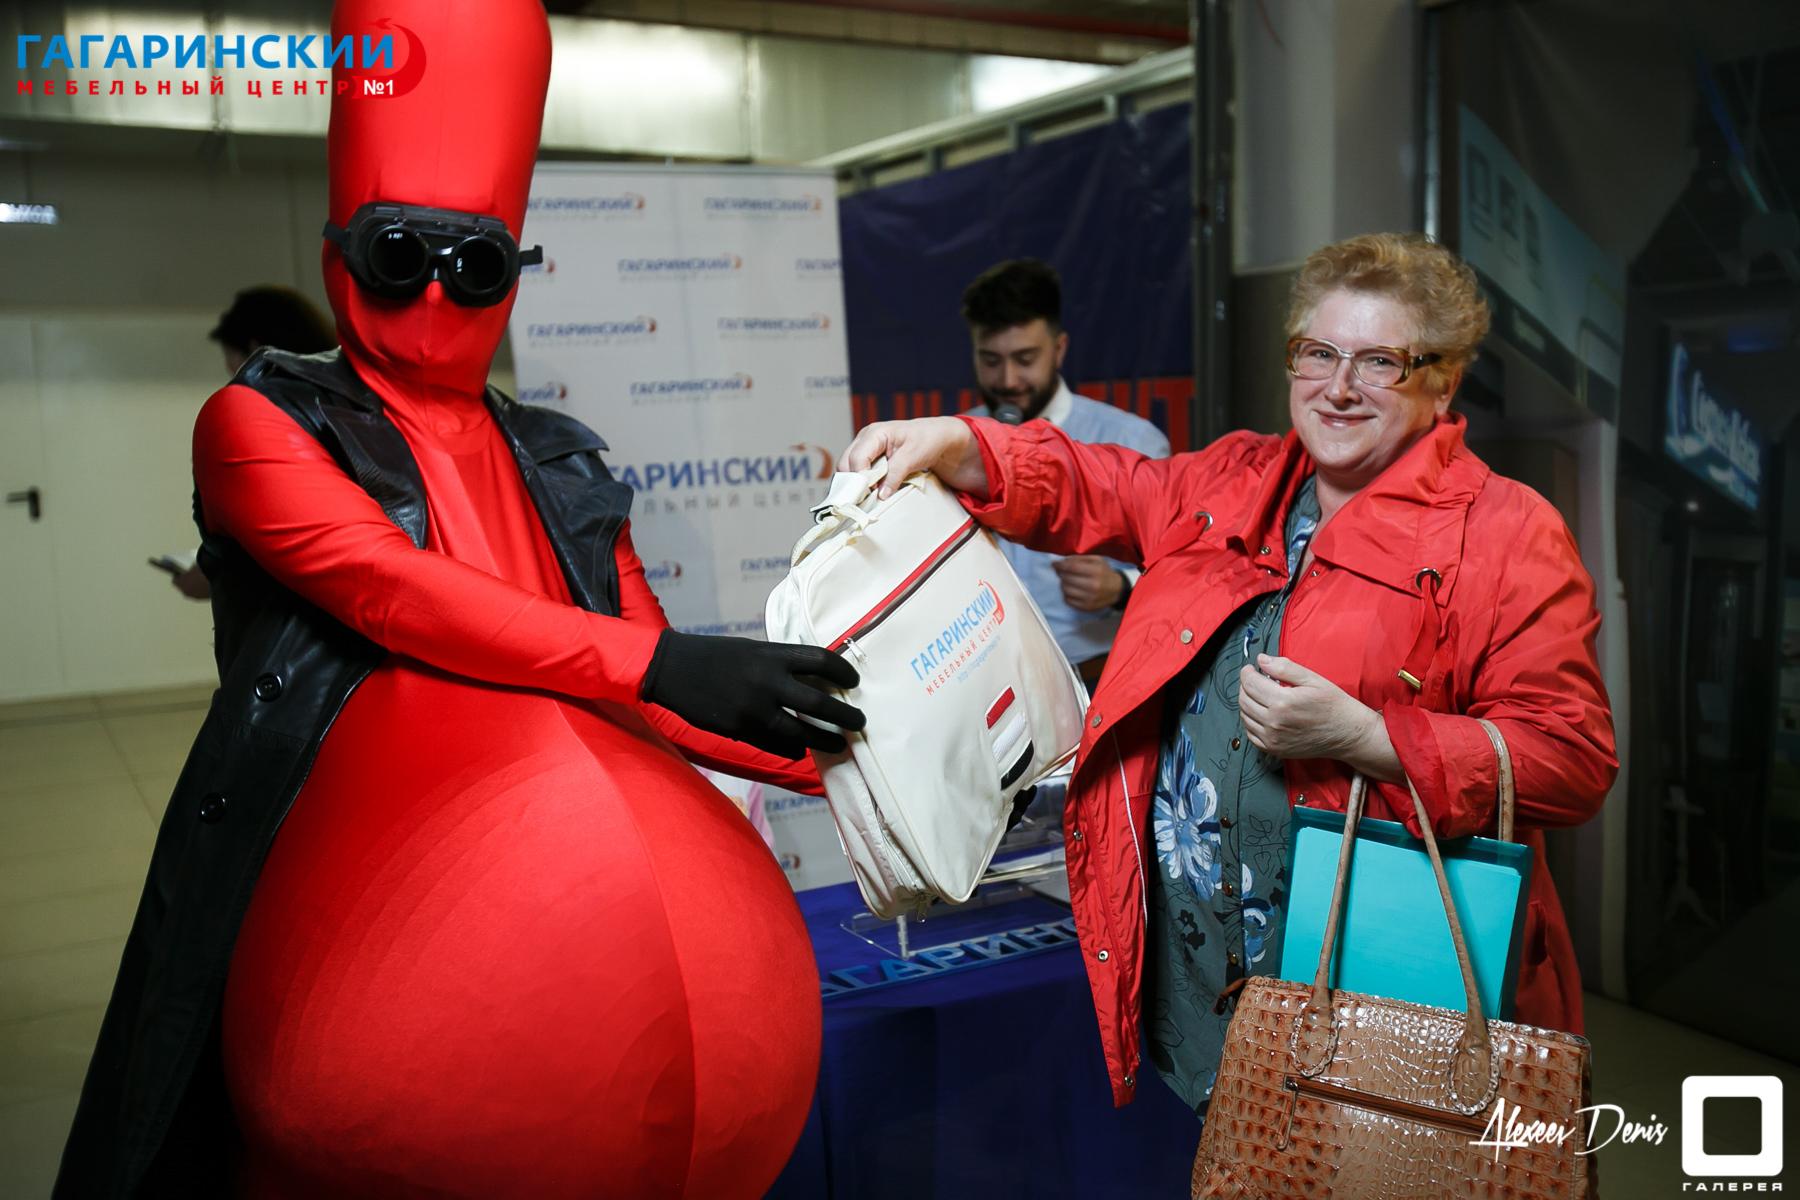 Финал акции «Яркий шопинг в «Гагаринском»